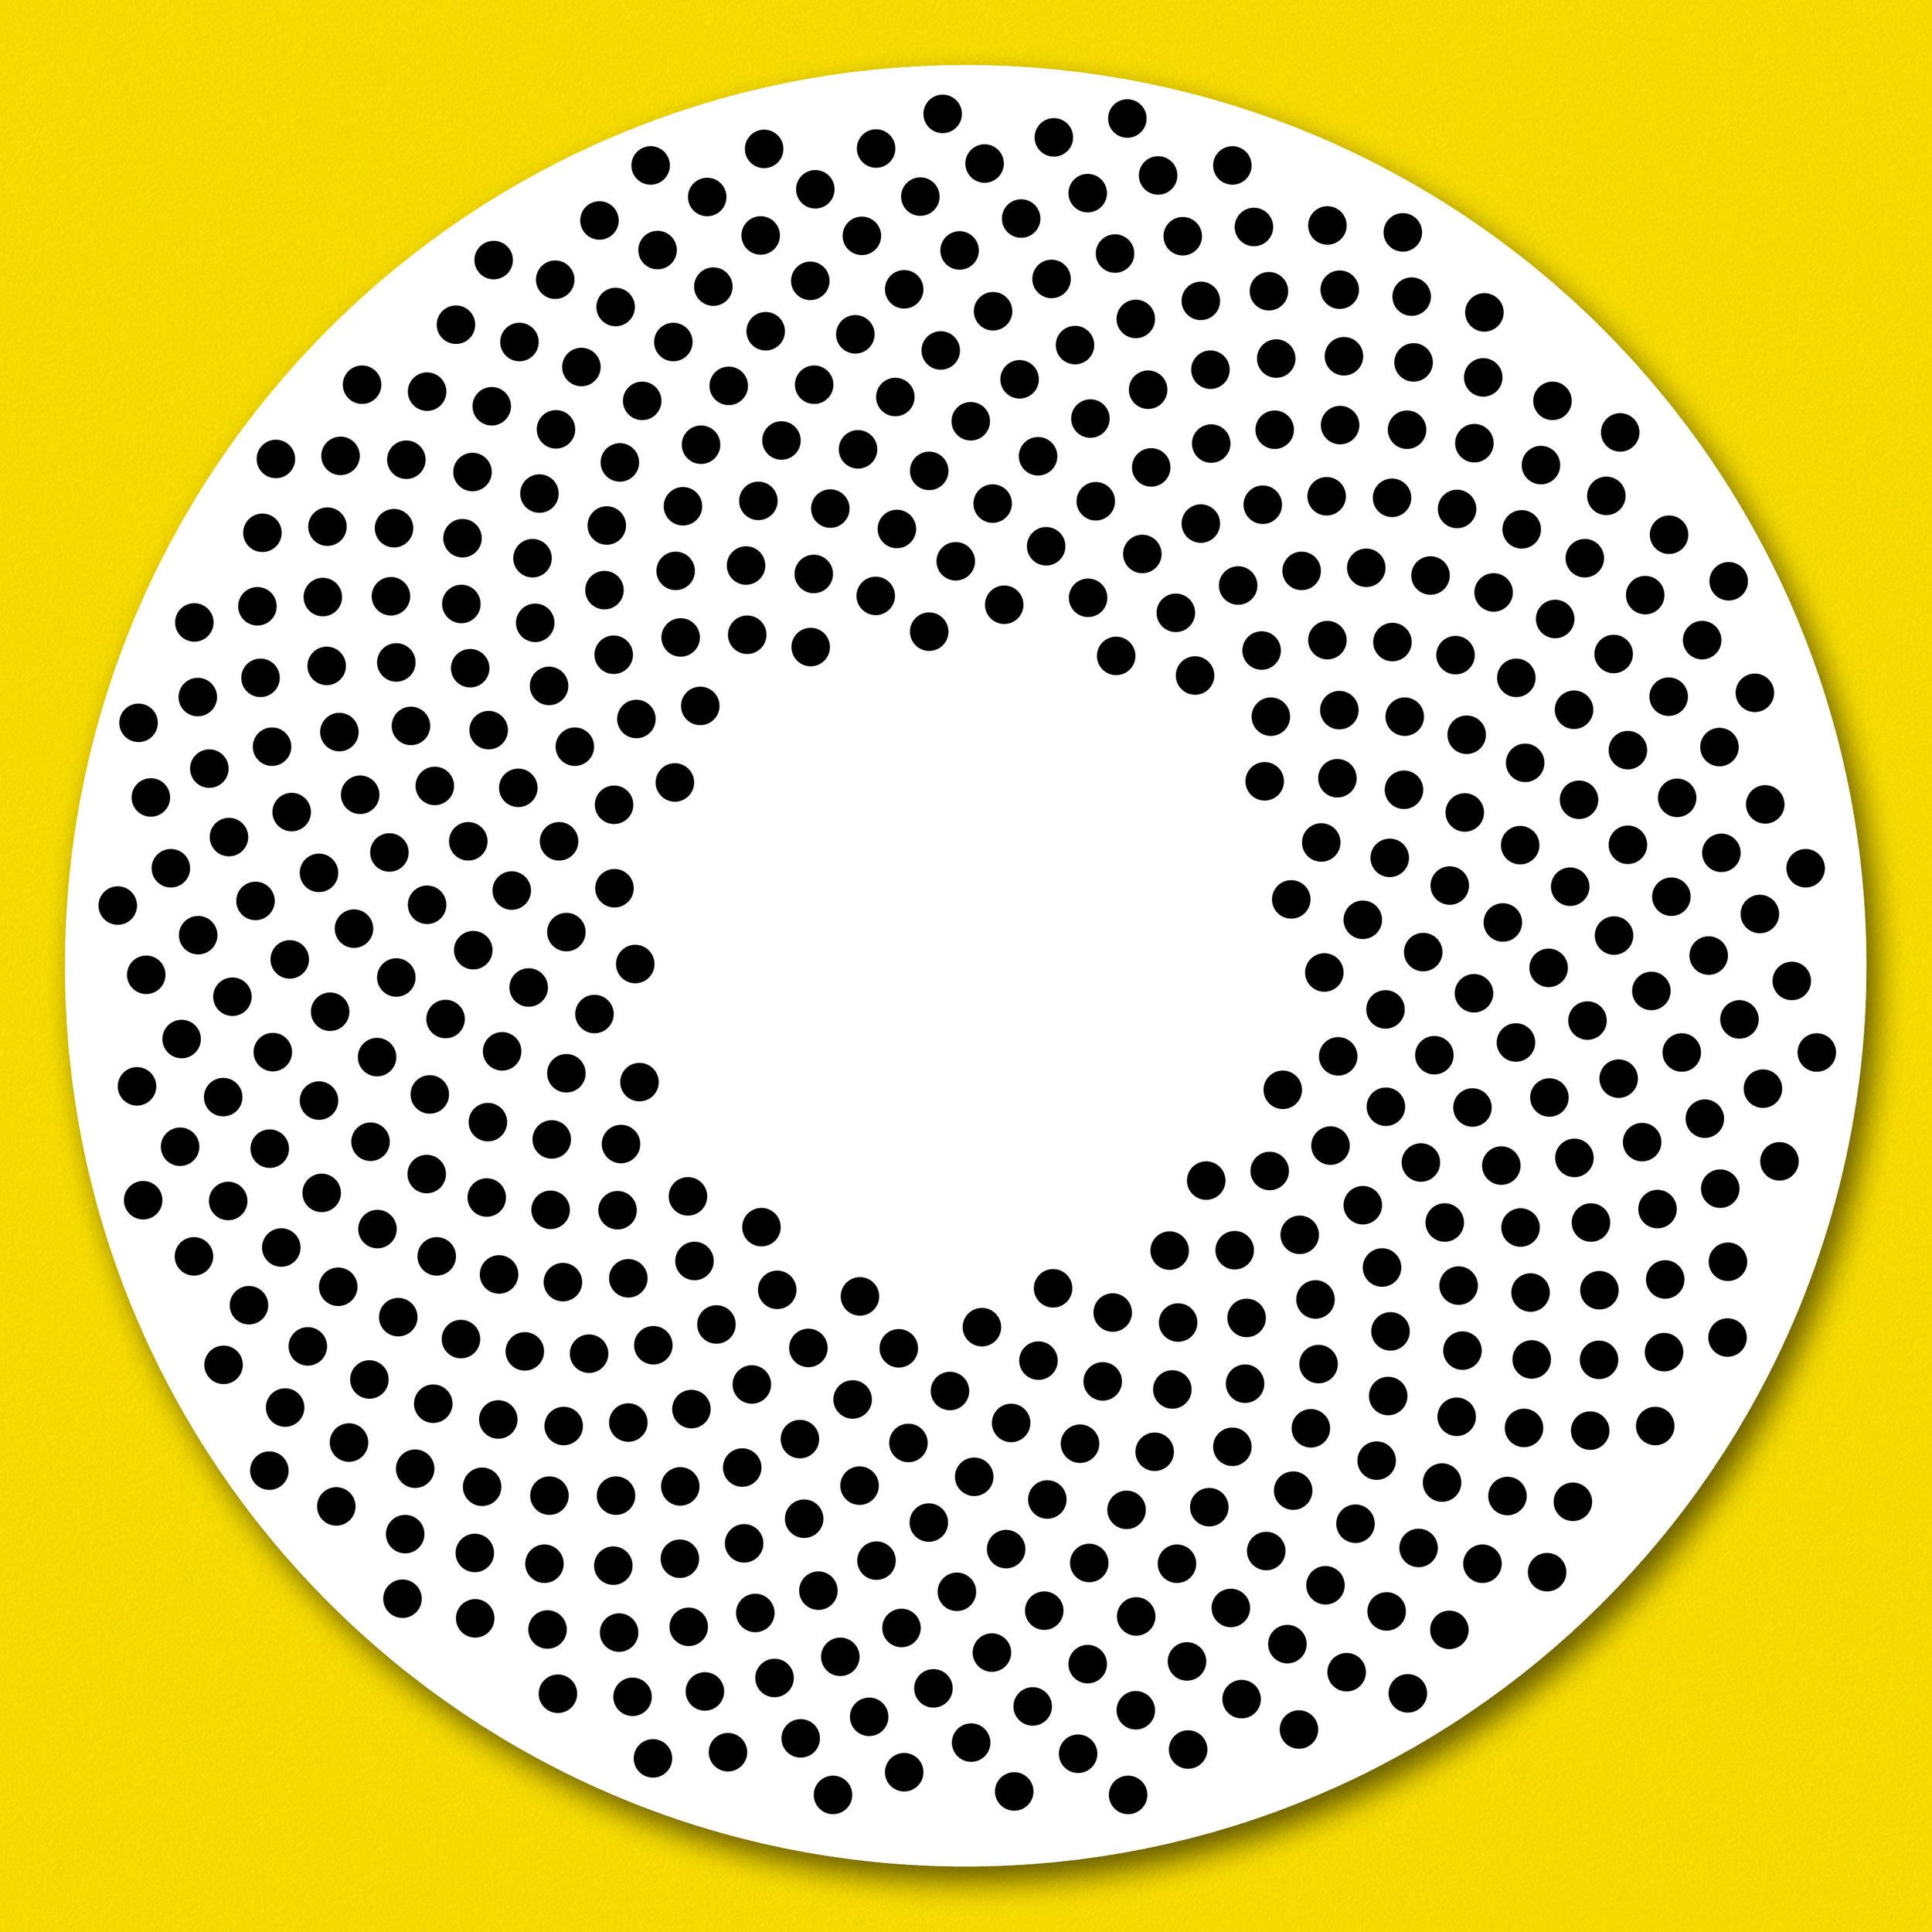 moae_34-55_single_3000x3000_def.jpg